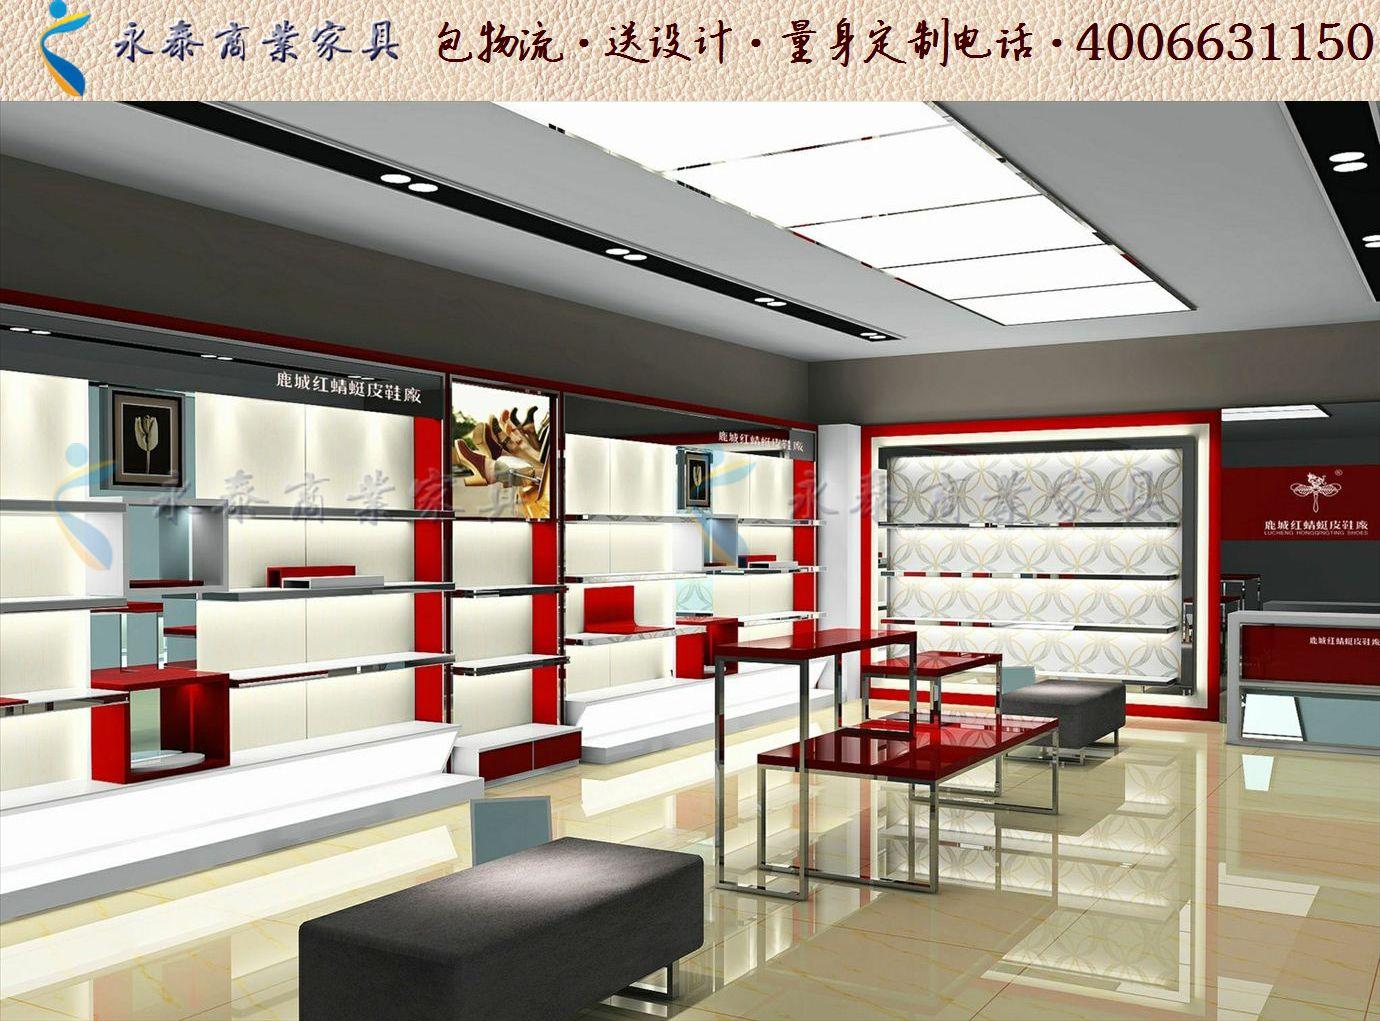 個性鞋店裝修效果圖大全時尚 女鞋 店 裝修 貨架展示柜